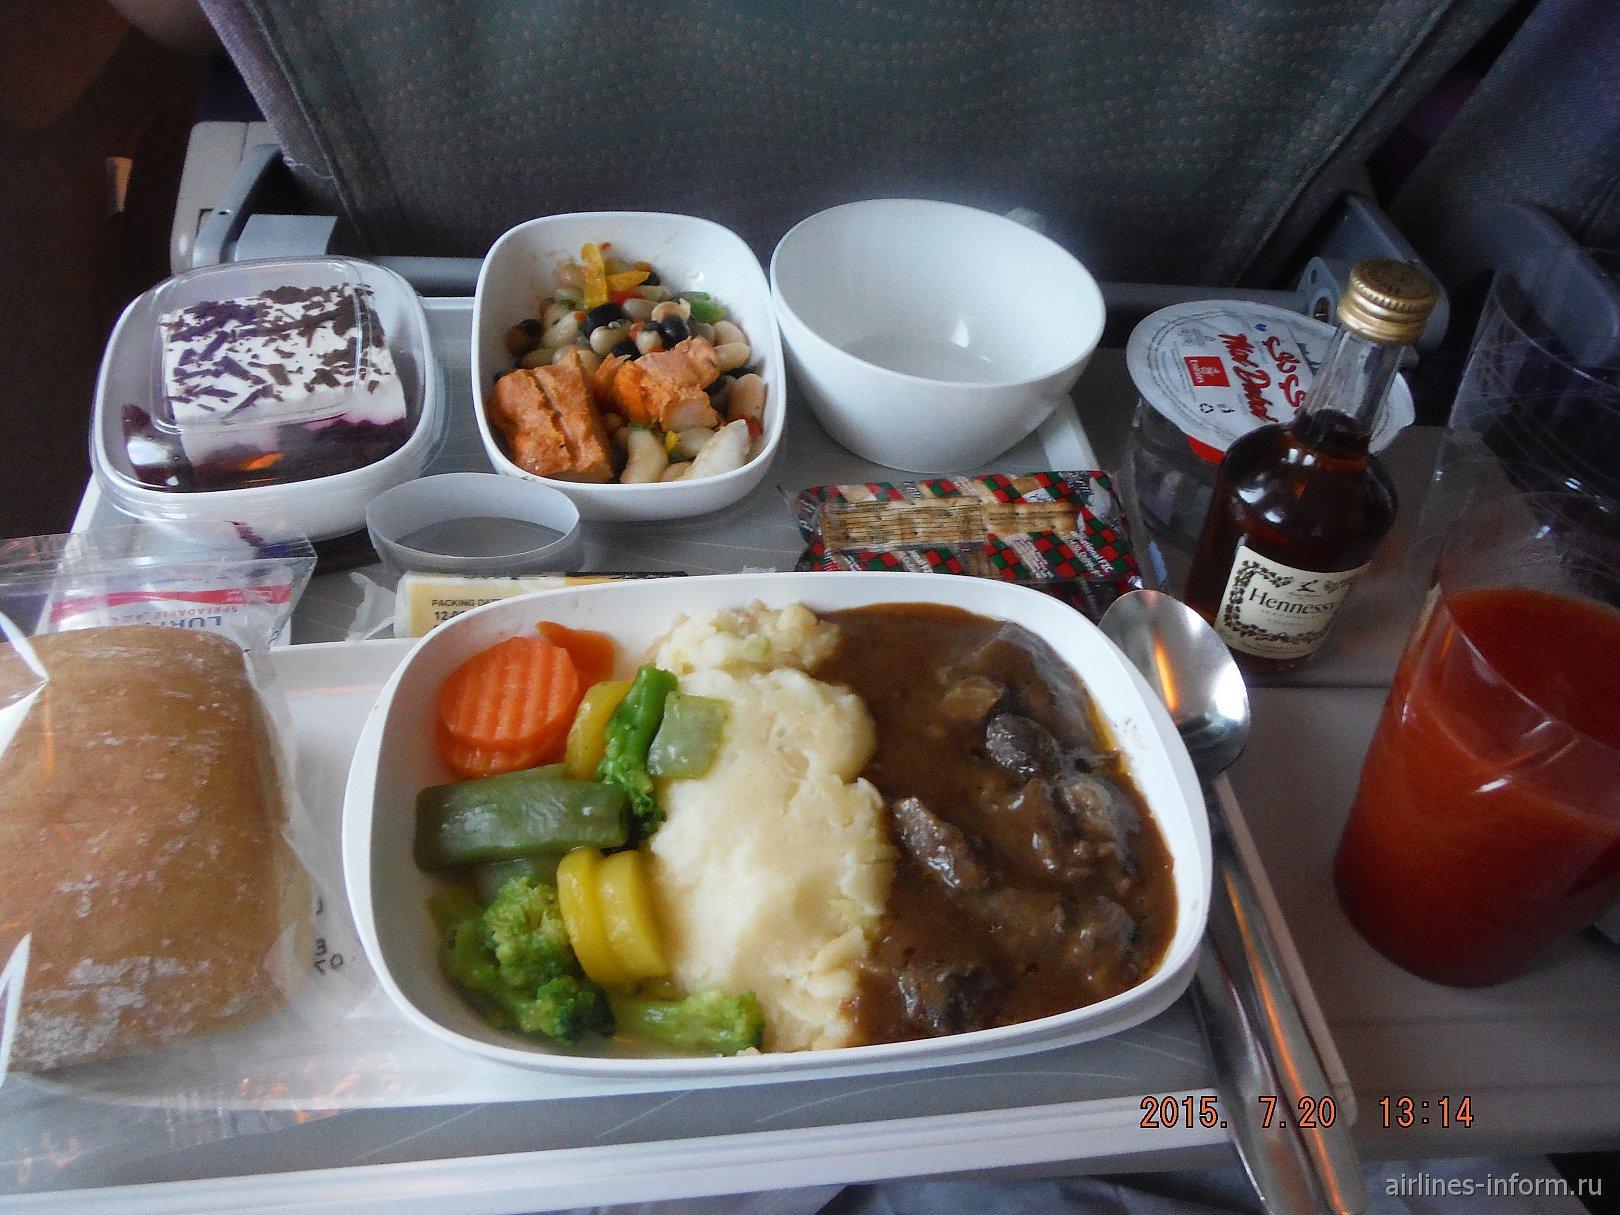 Питание на рейсе Дубай-Найроби авиакомпании Emirates